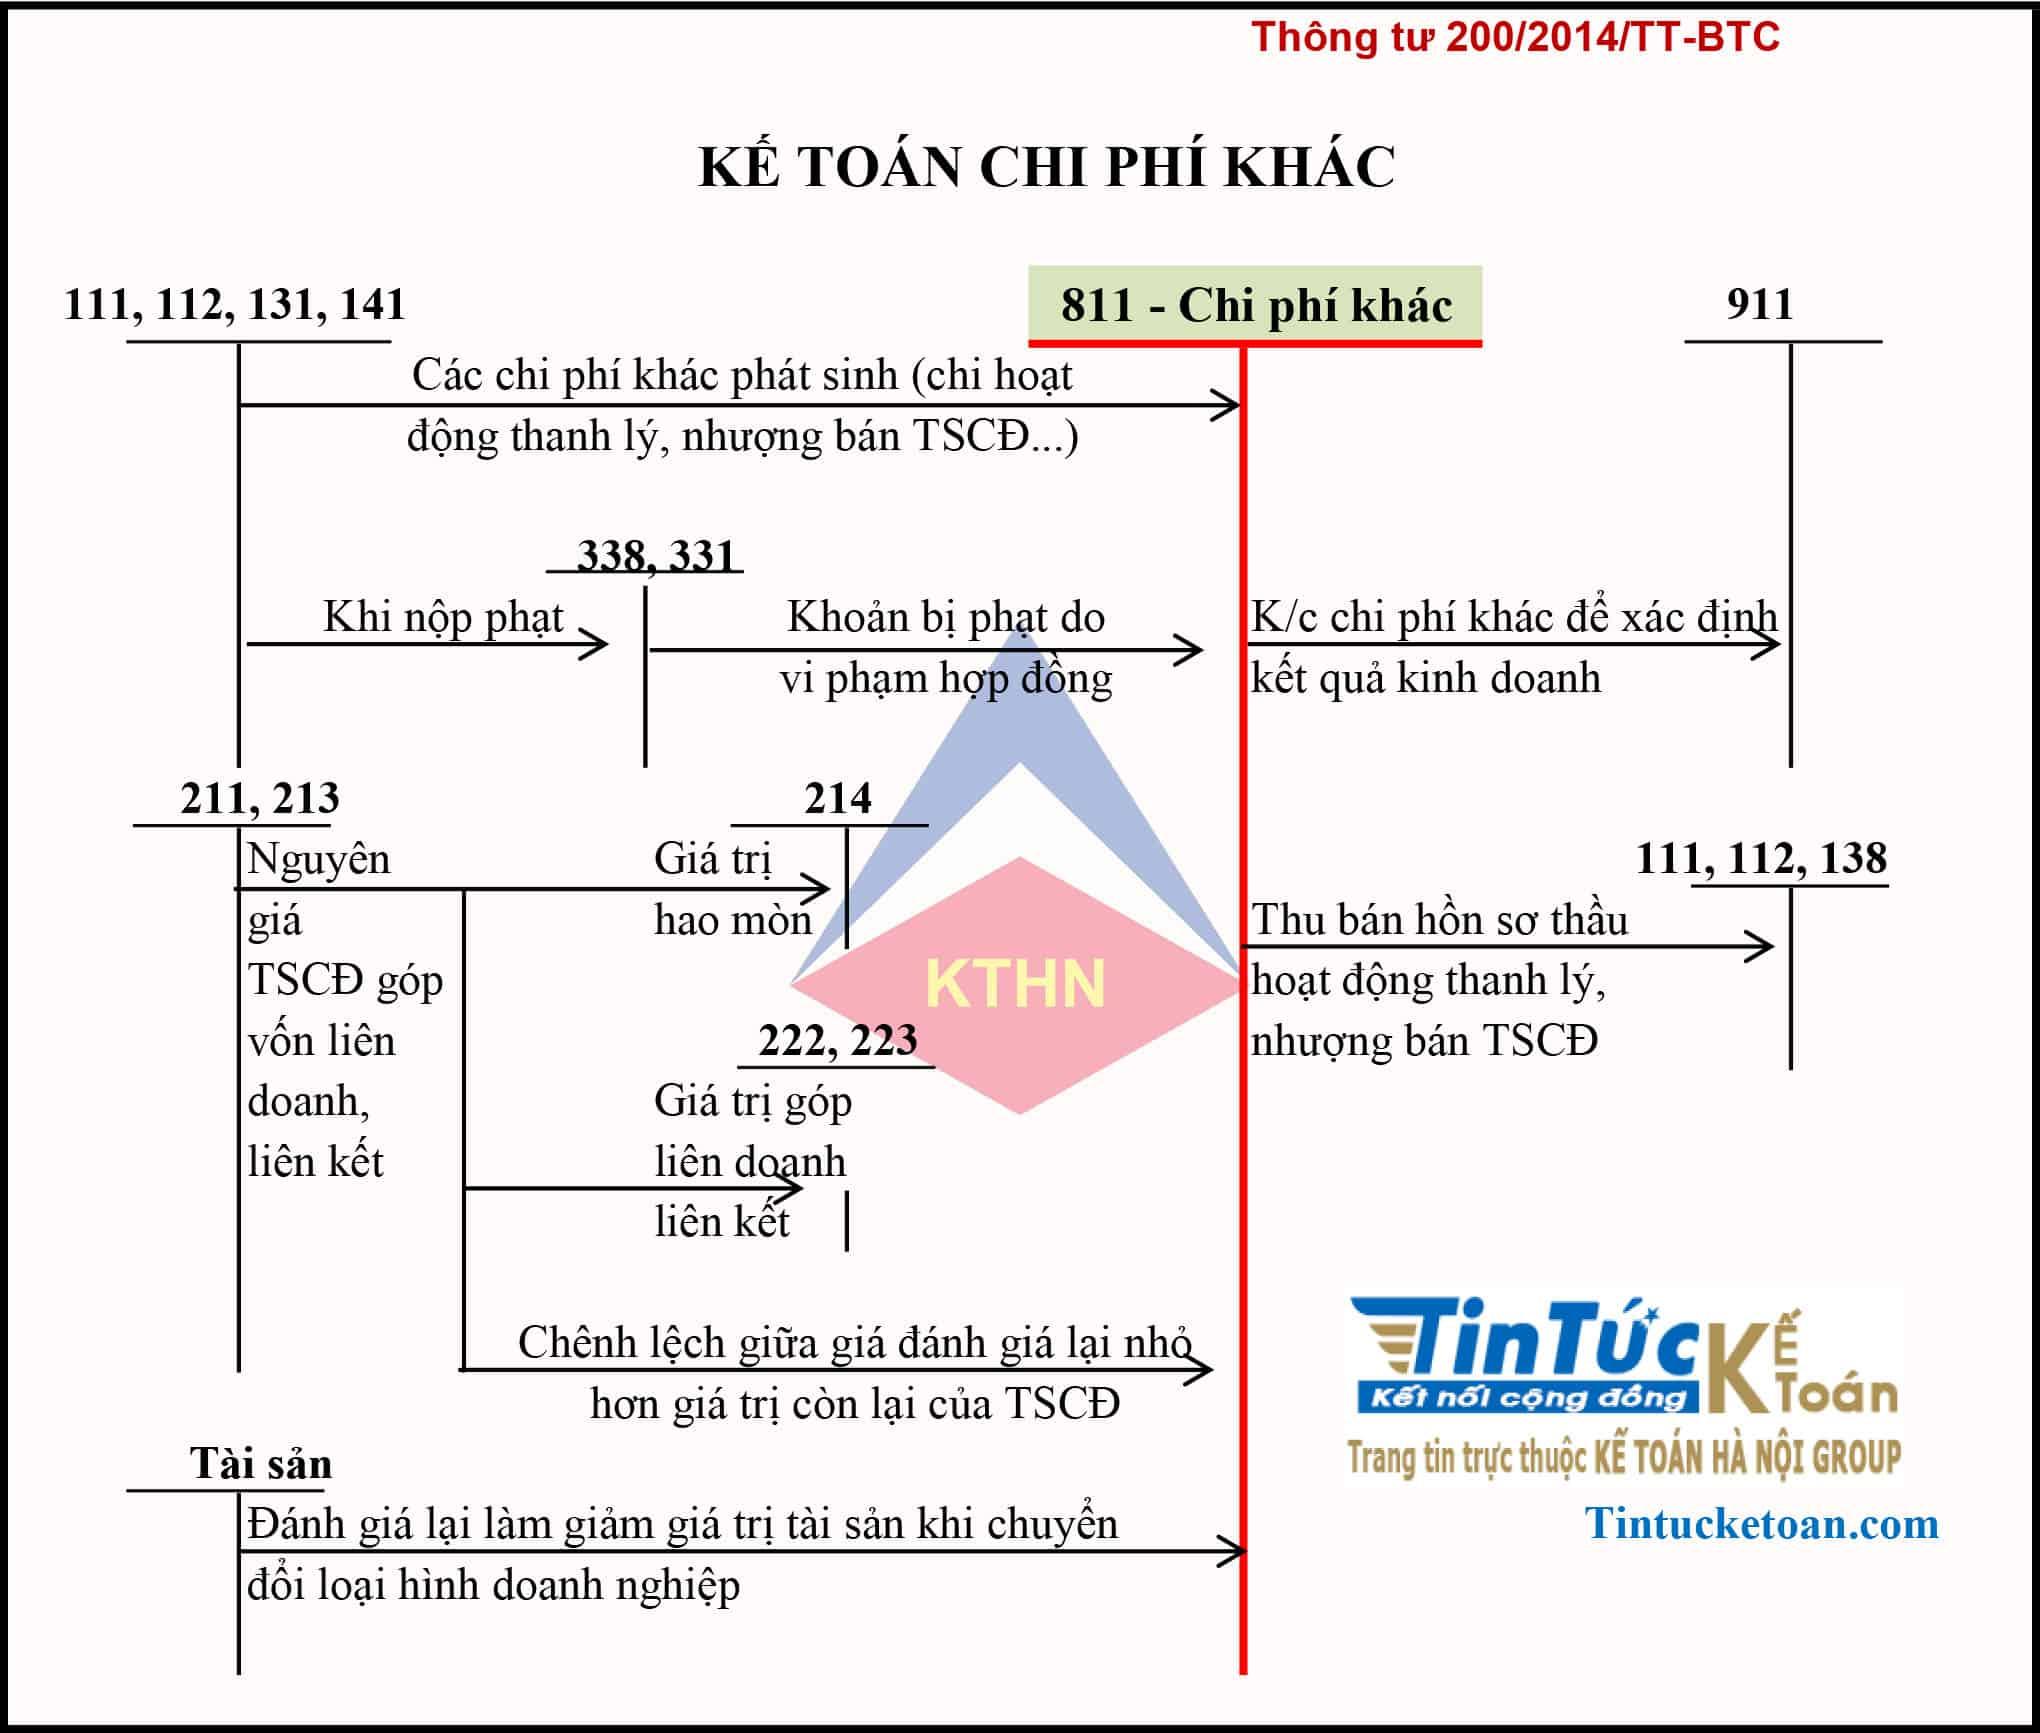 Sơ đồ TK 811- Kế toán chi phí khác theo thông tư 200